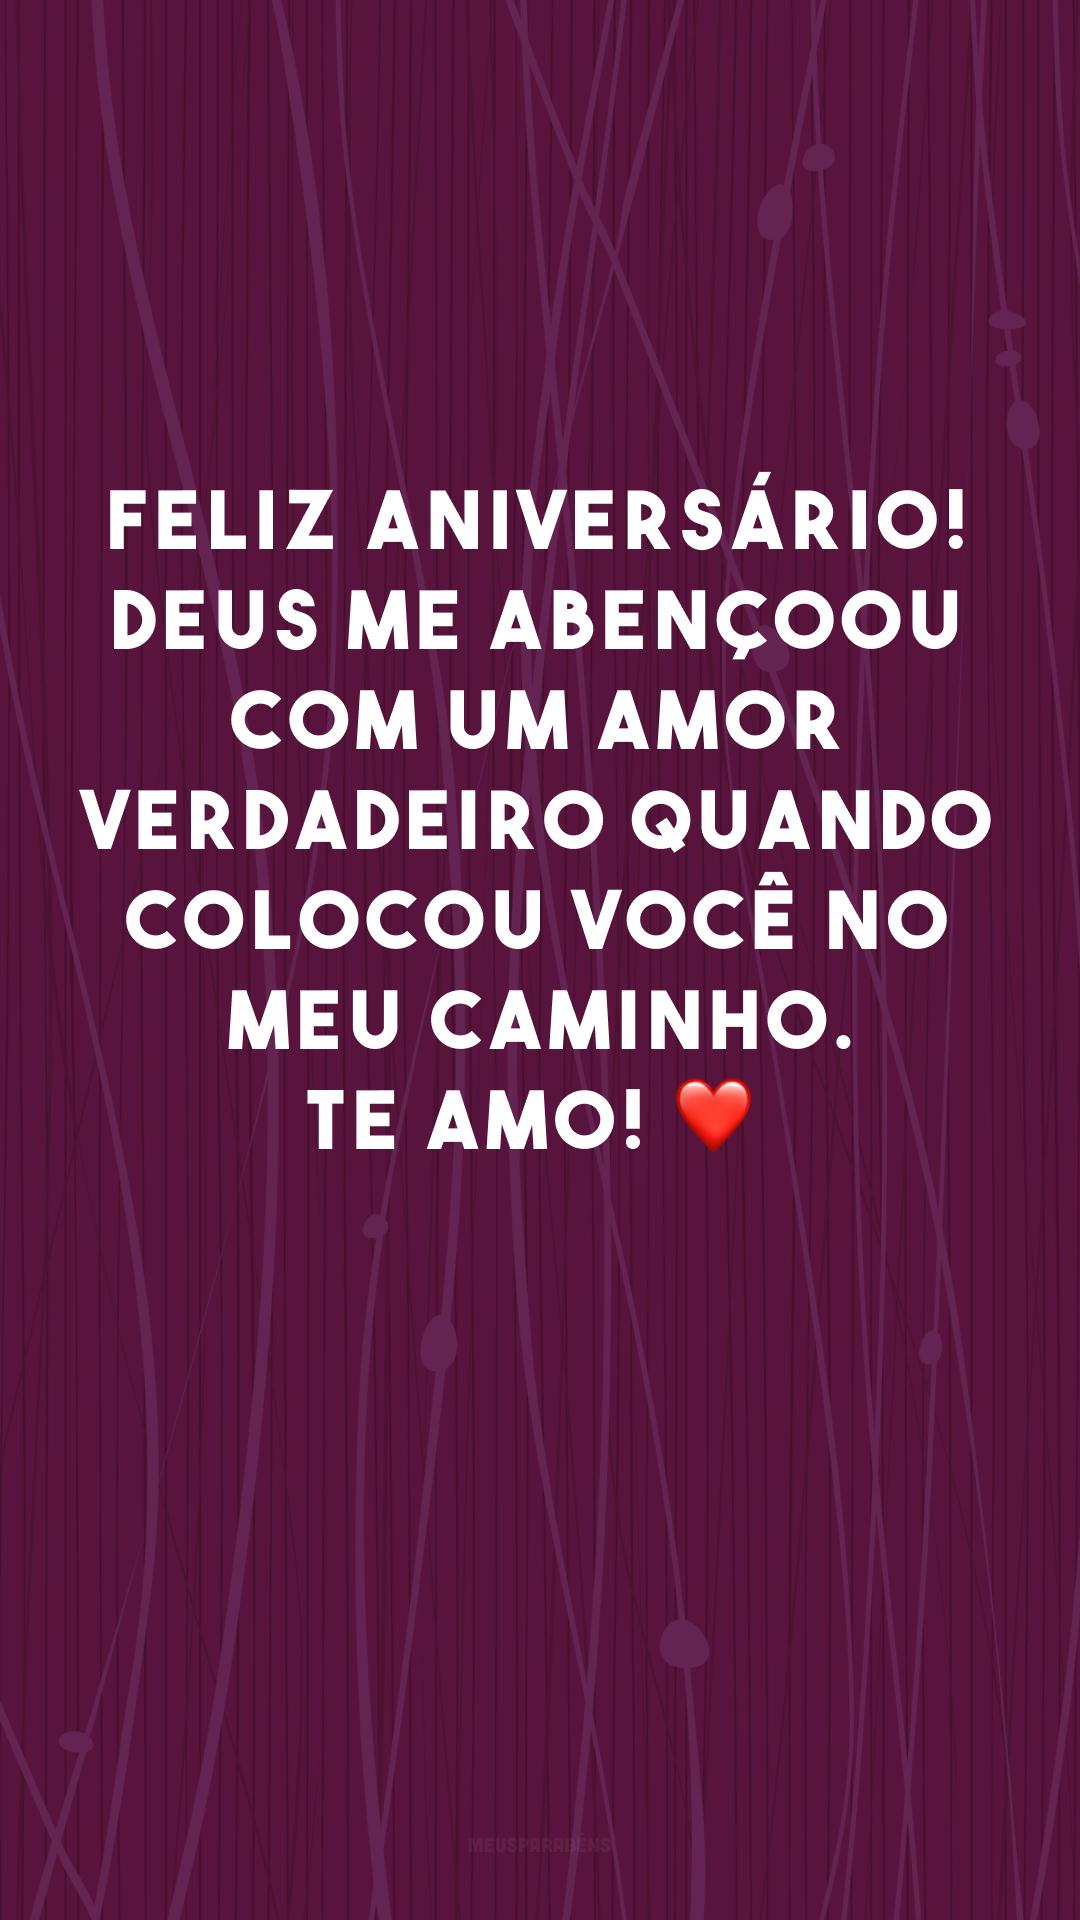 Feliz aniversário! Deus me abençoou com um amor verdadeiro quando colocou você no meu caminho. Te amo! ❤<br />